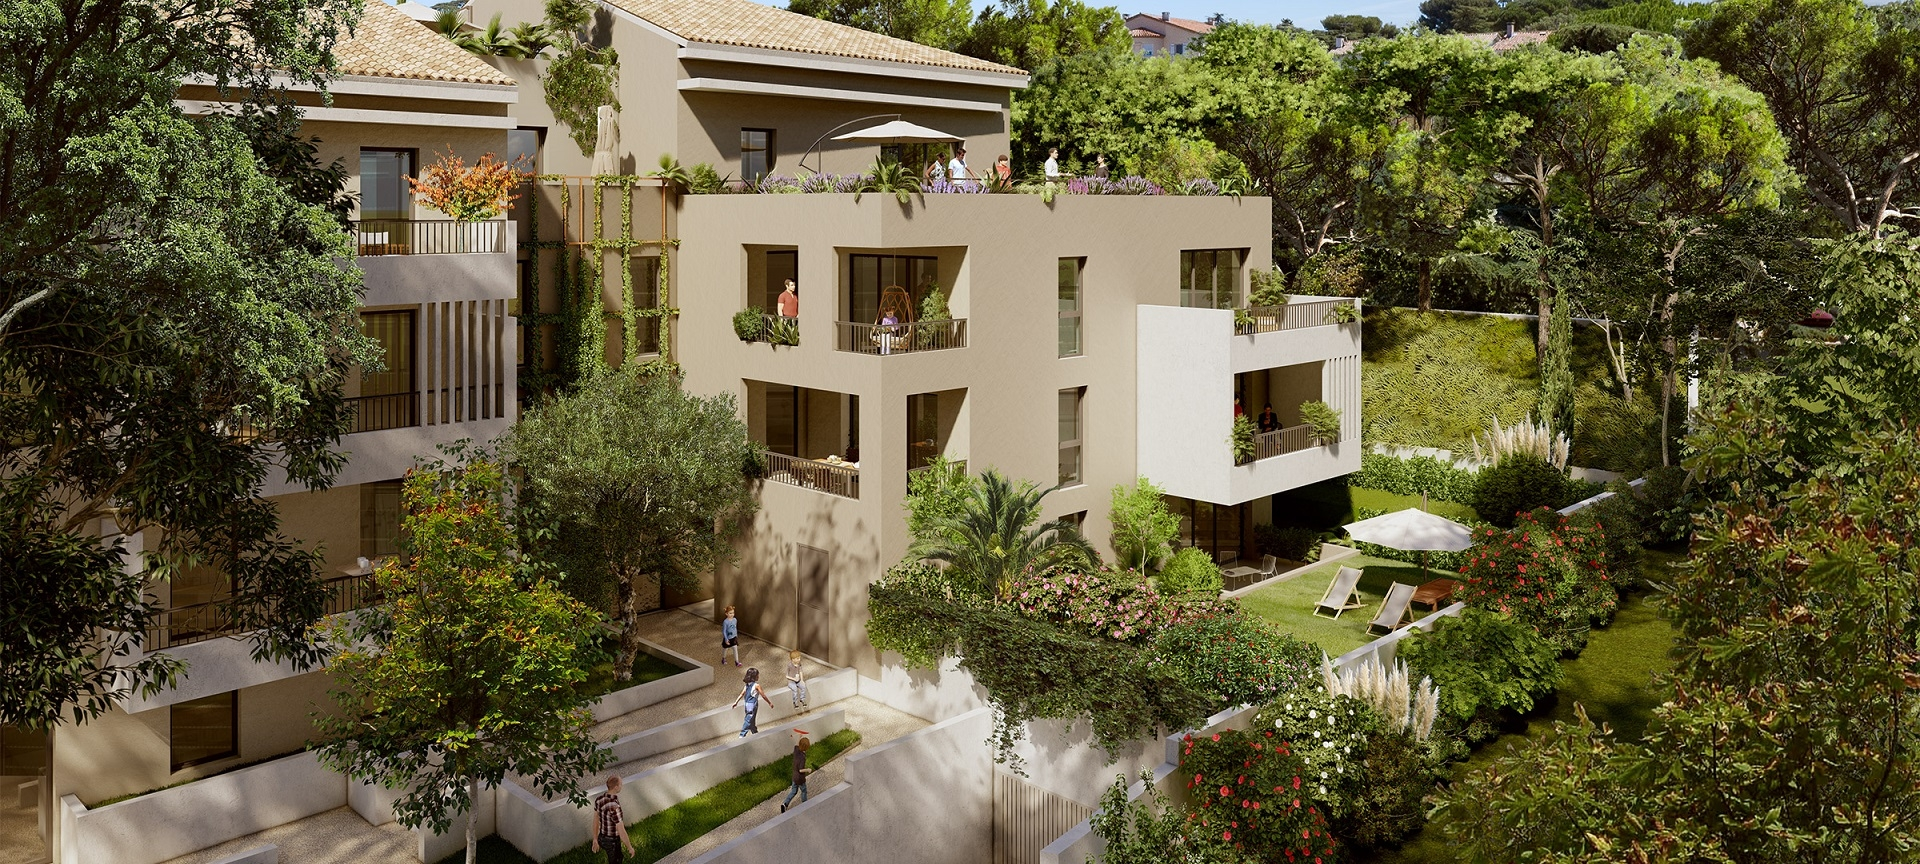 immobilier prestige Villeneuve-lès-Avignon Prêt à taux zéro (PTZ+) livrable 2023 quartier Résidentiel